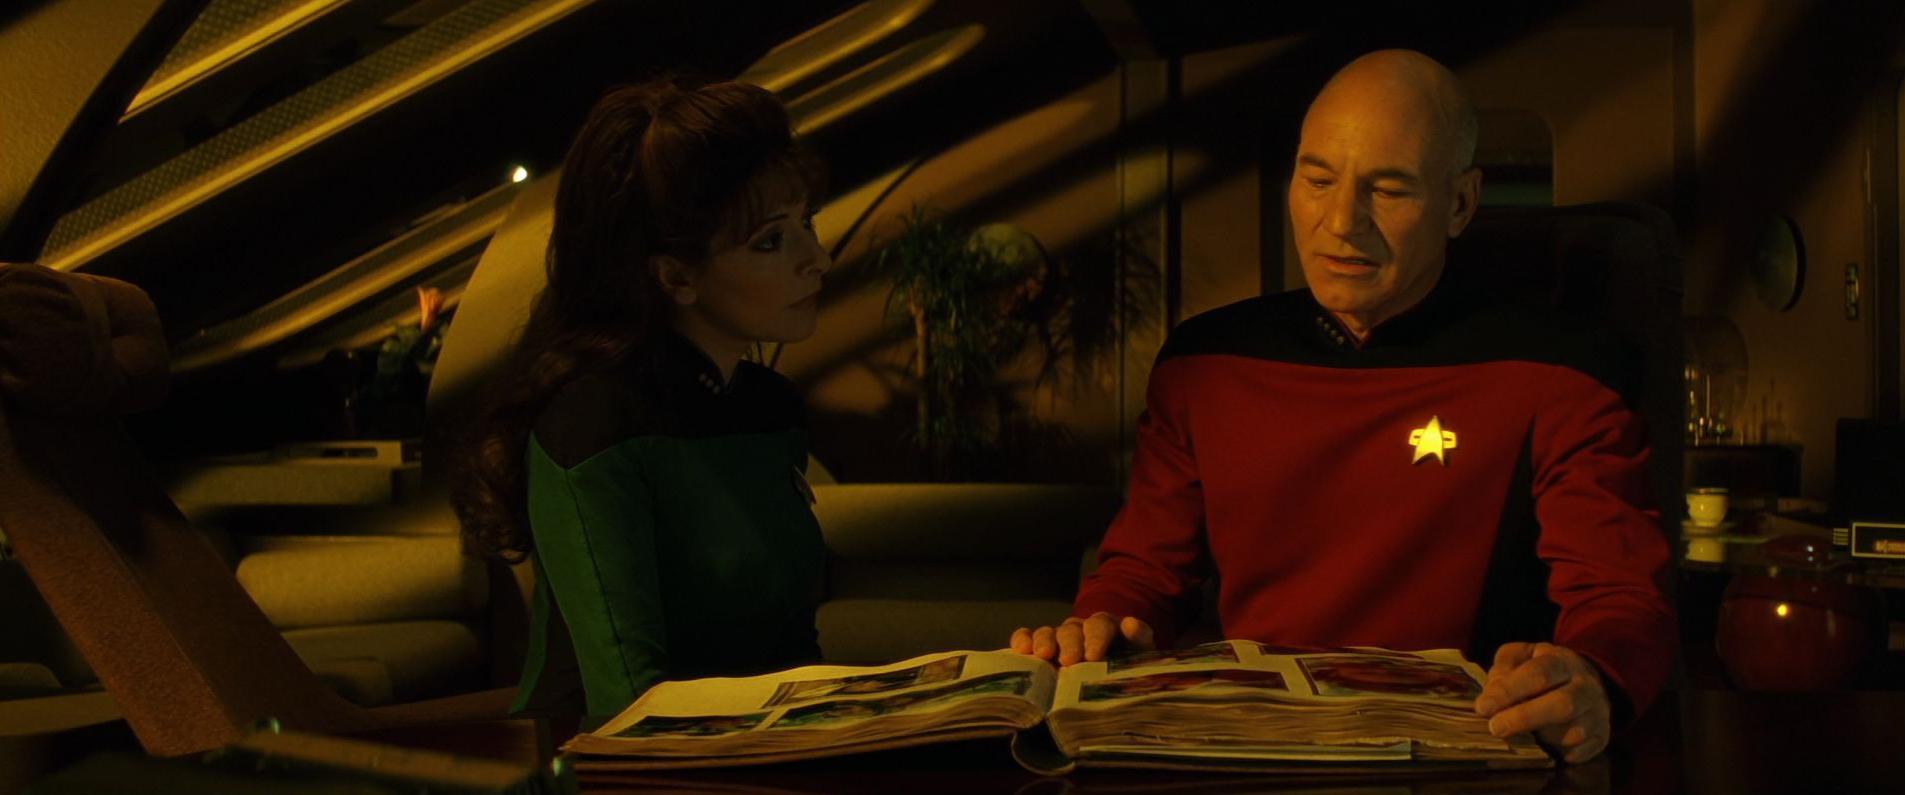 Picard-Familienchronik aufgeschlagen.jpg